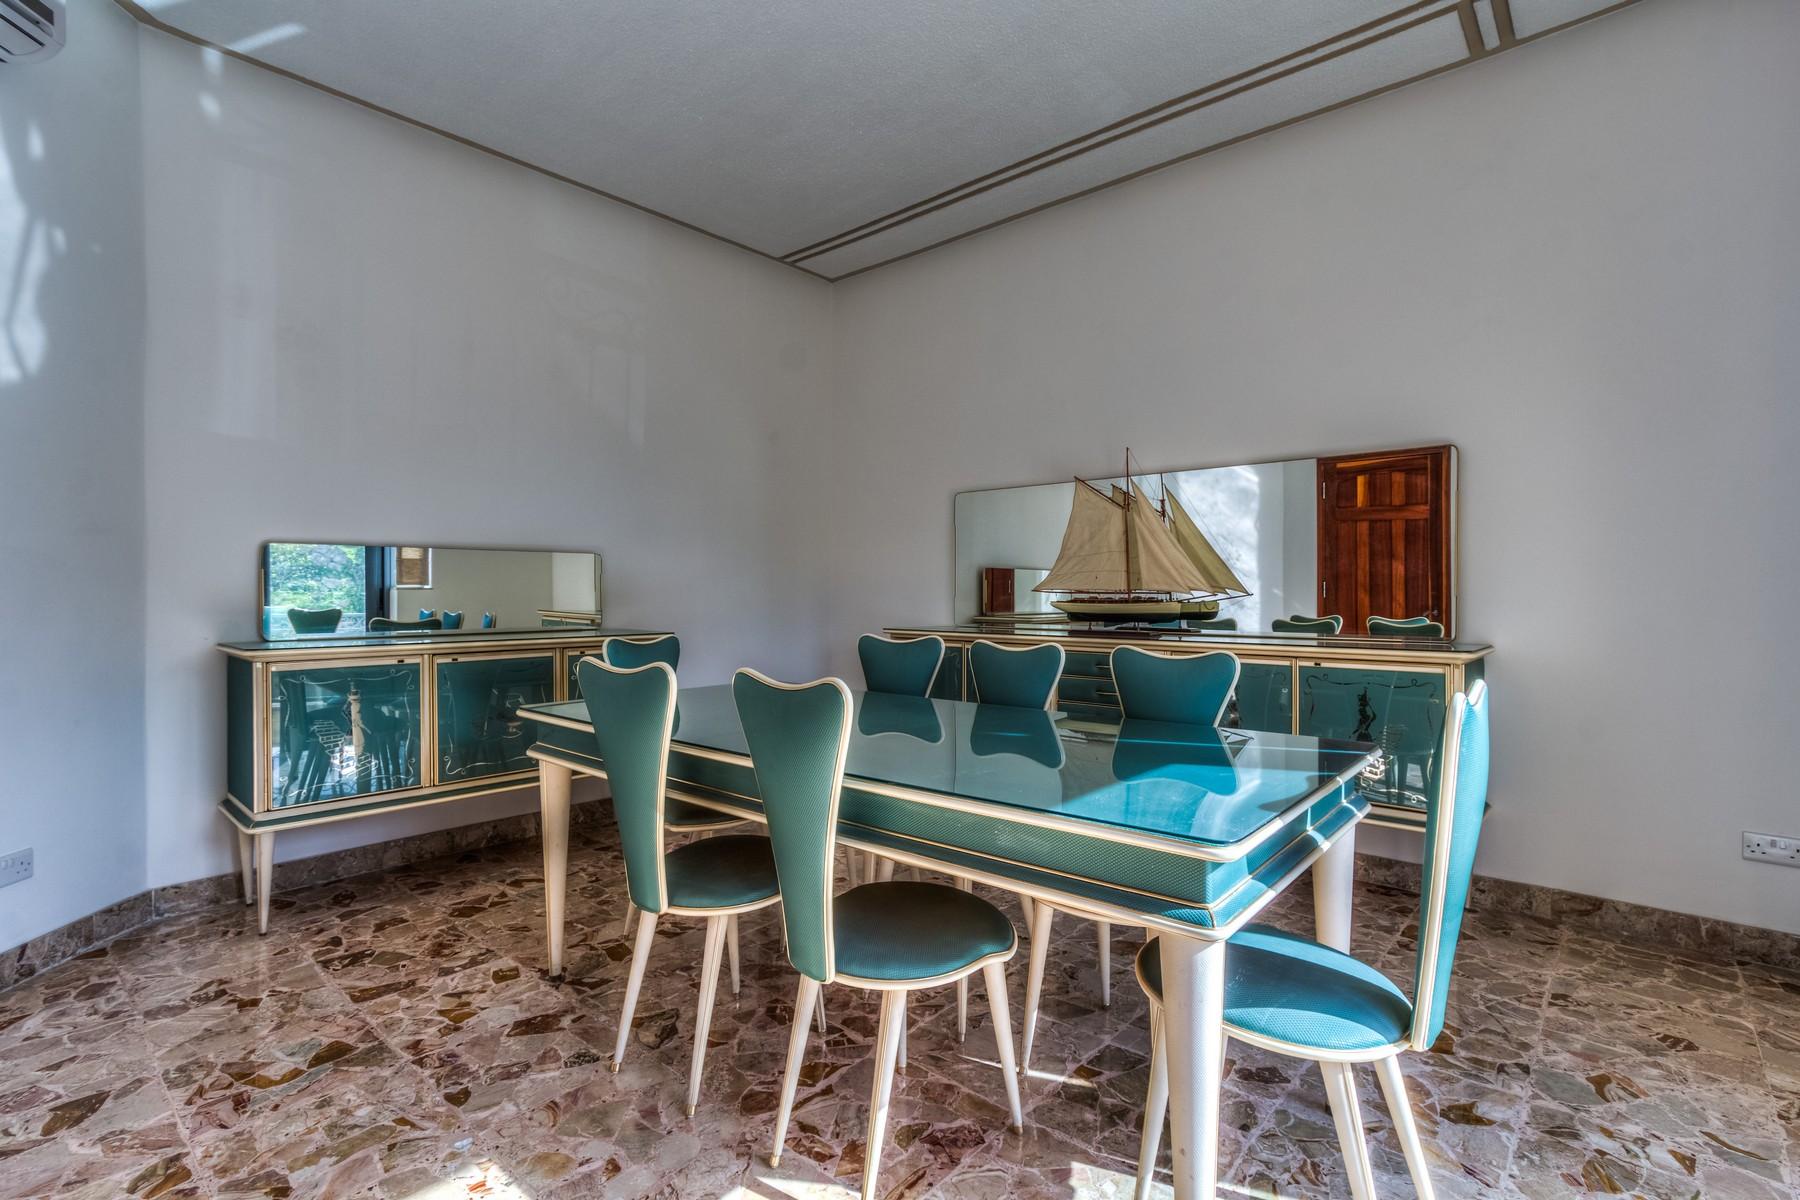 Частный односемейный дом для того Продажа на Fully Detached Villa Ta' Xbiex, Мальта